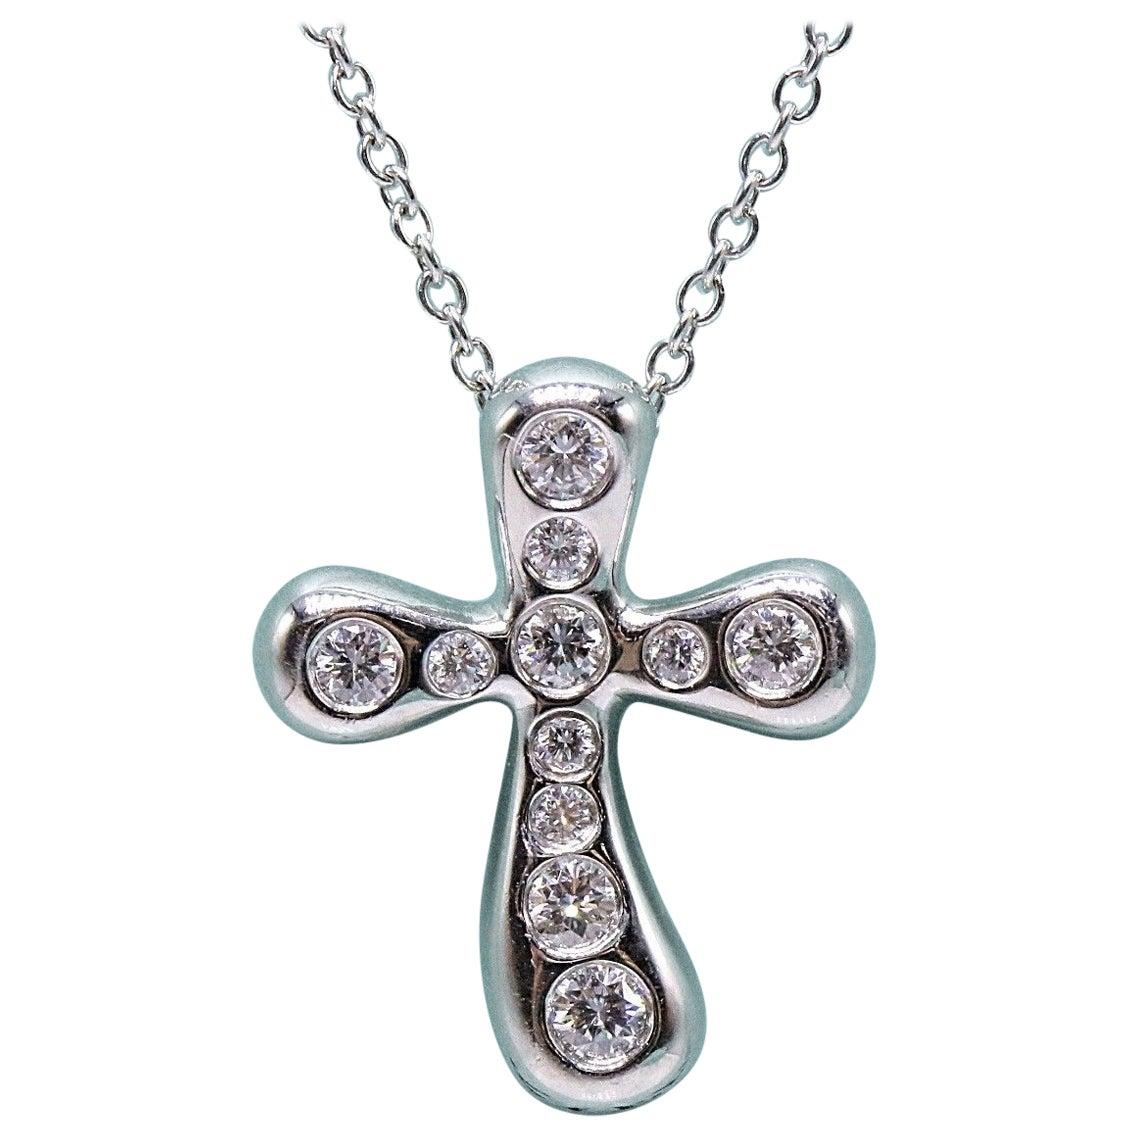 Tiffany & Co. Elsa Peretti Diamond Cross Pendant Necklace in Platinum